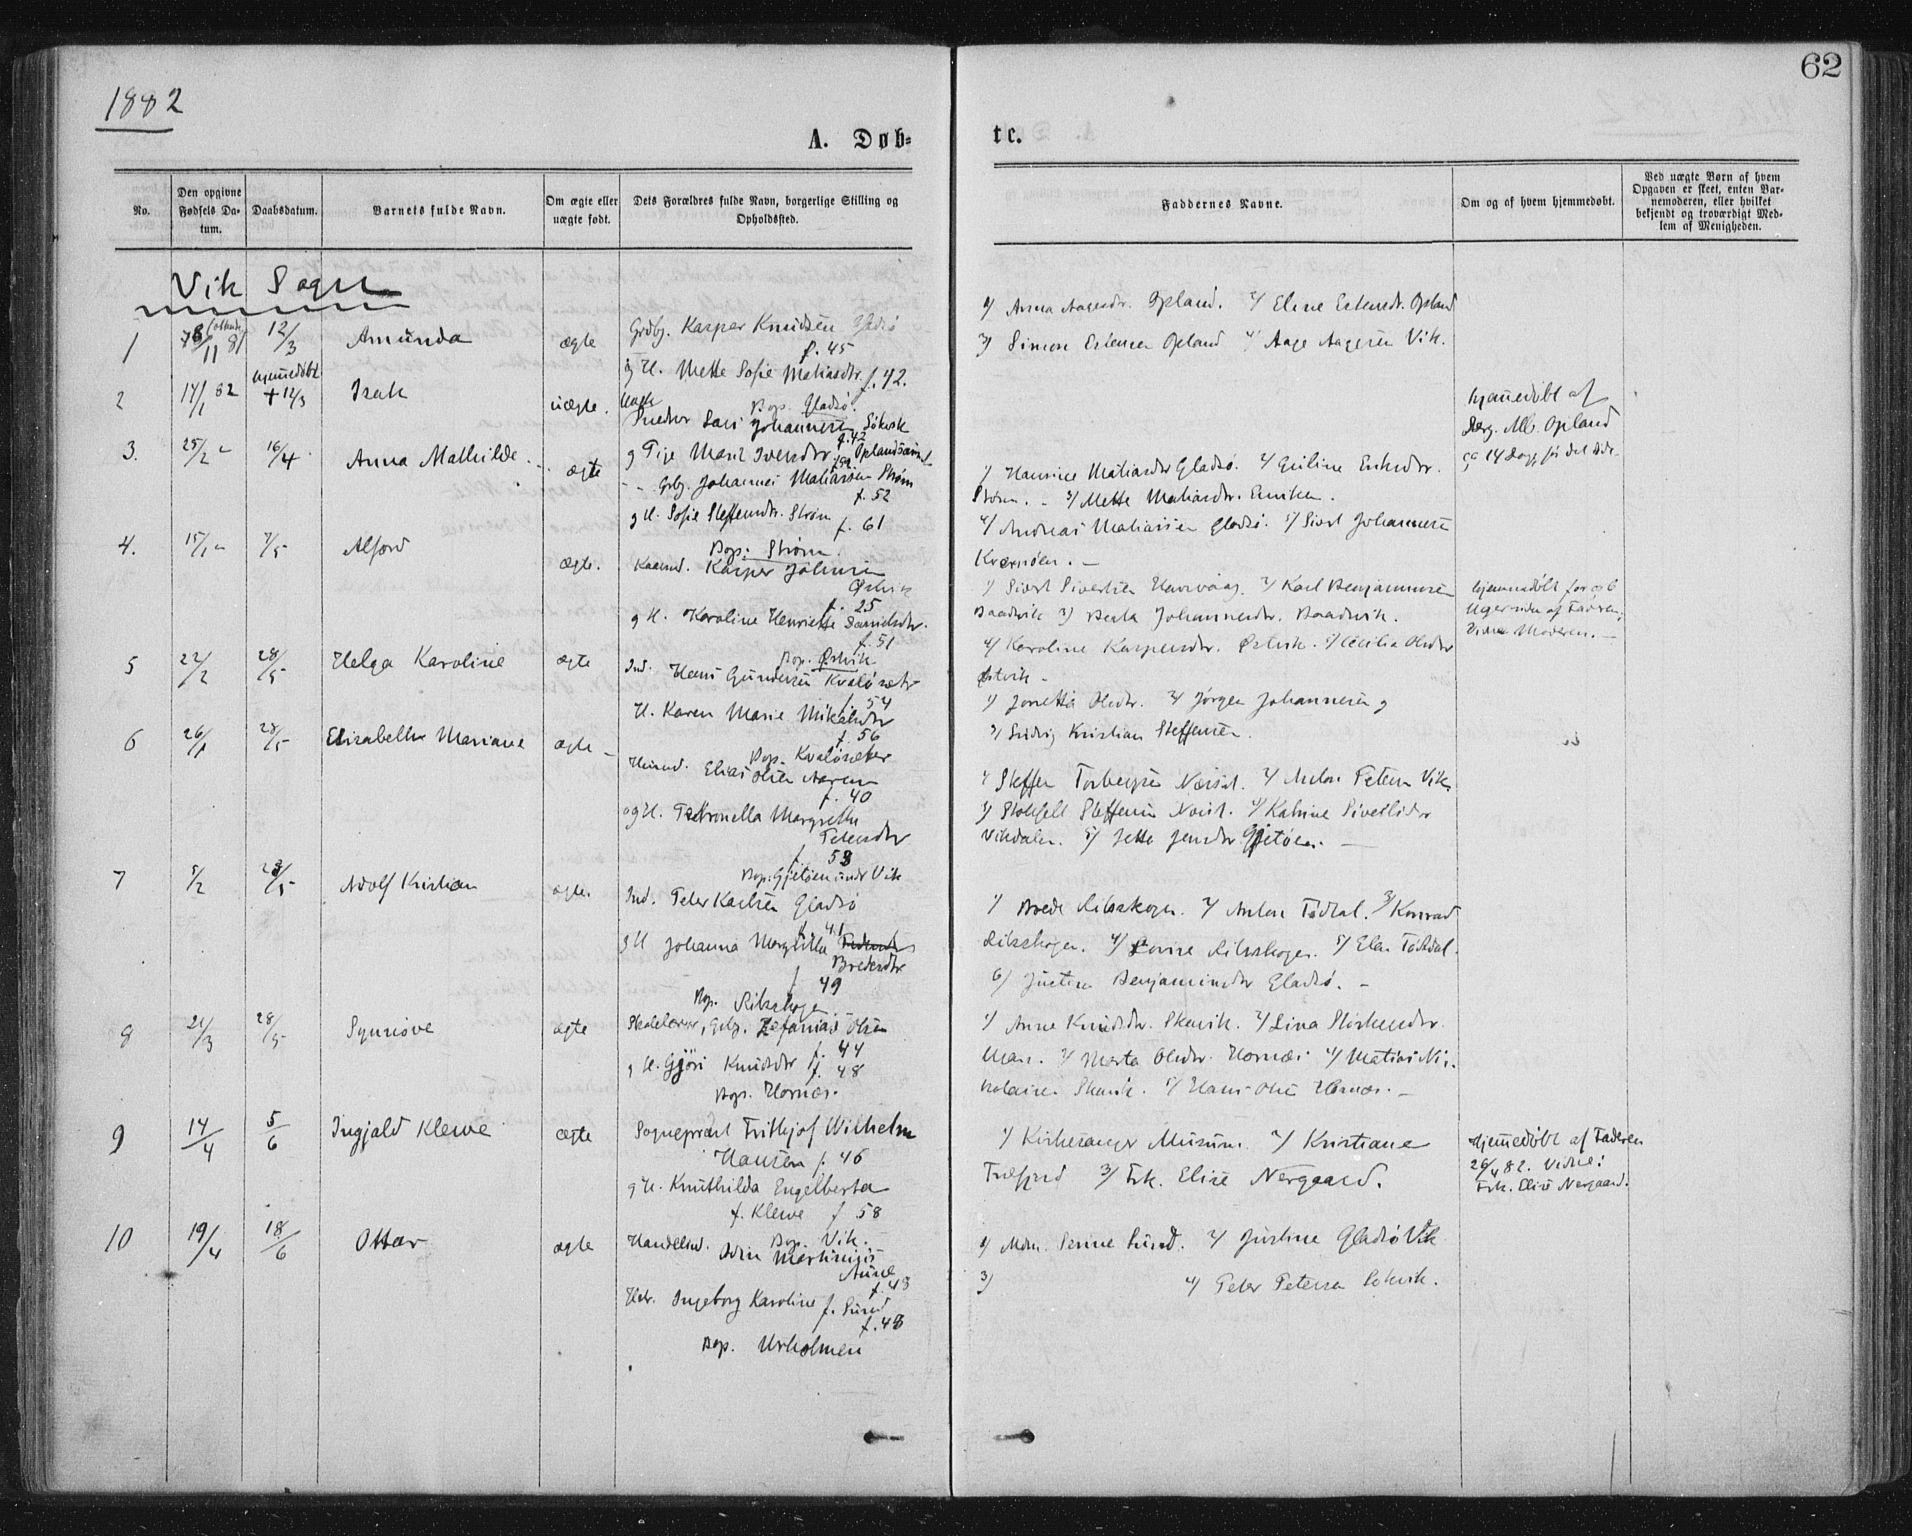 SAT, Ministerialprotokoller, klokkerbøker og fødselsregistre - Nord-Trøndelag, 771/L0596: Ministerialbok nr. 771A03, 1870-1884, s. 62